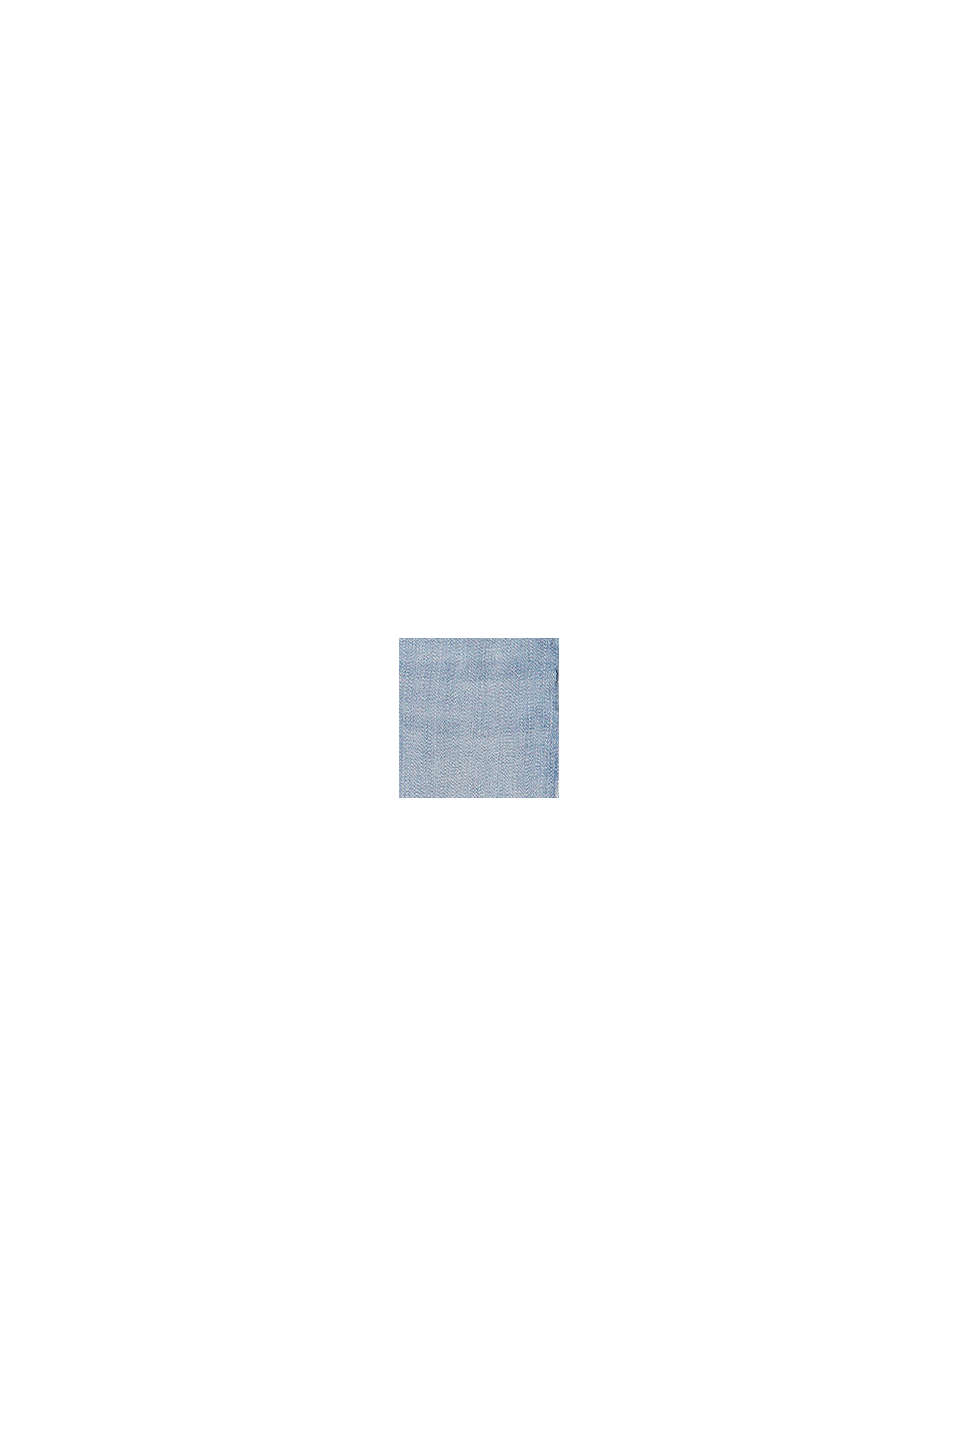 Vaqueros pitillo cropped con cintura ajustable, BLUE BLEACHED, swatch